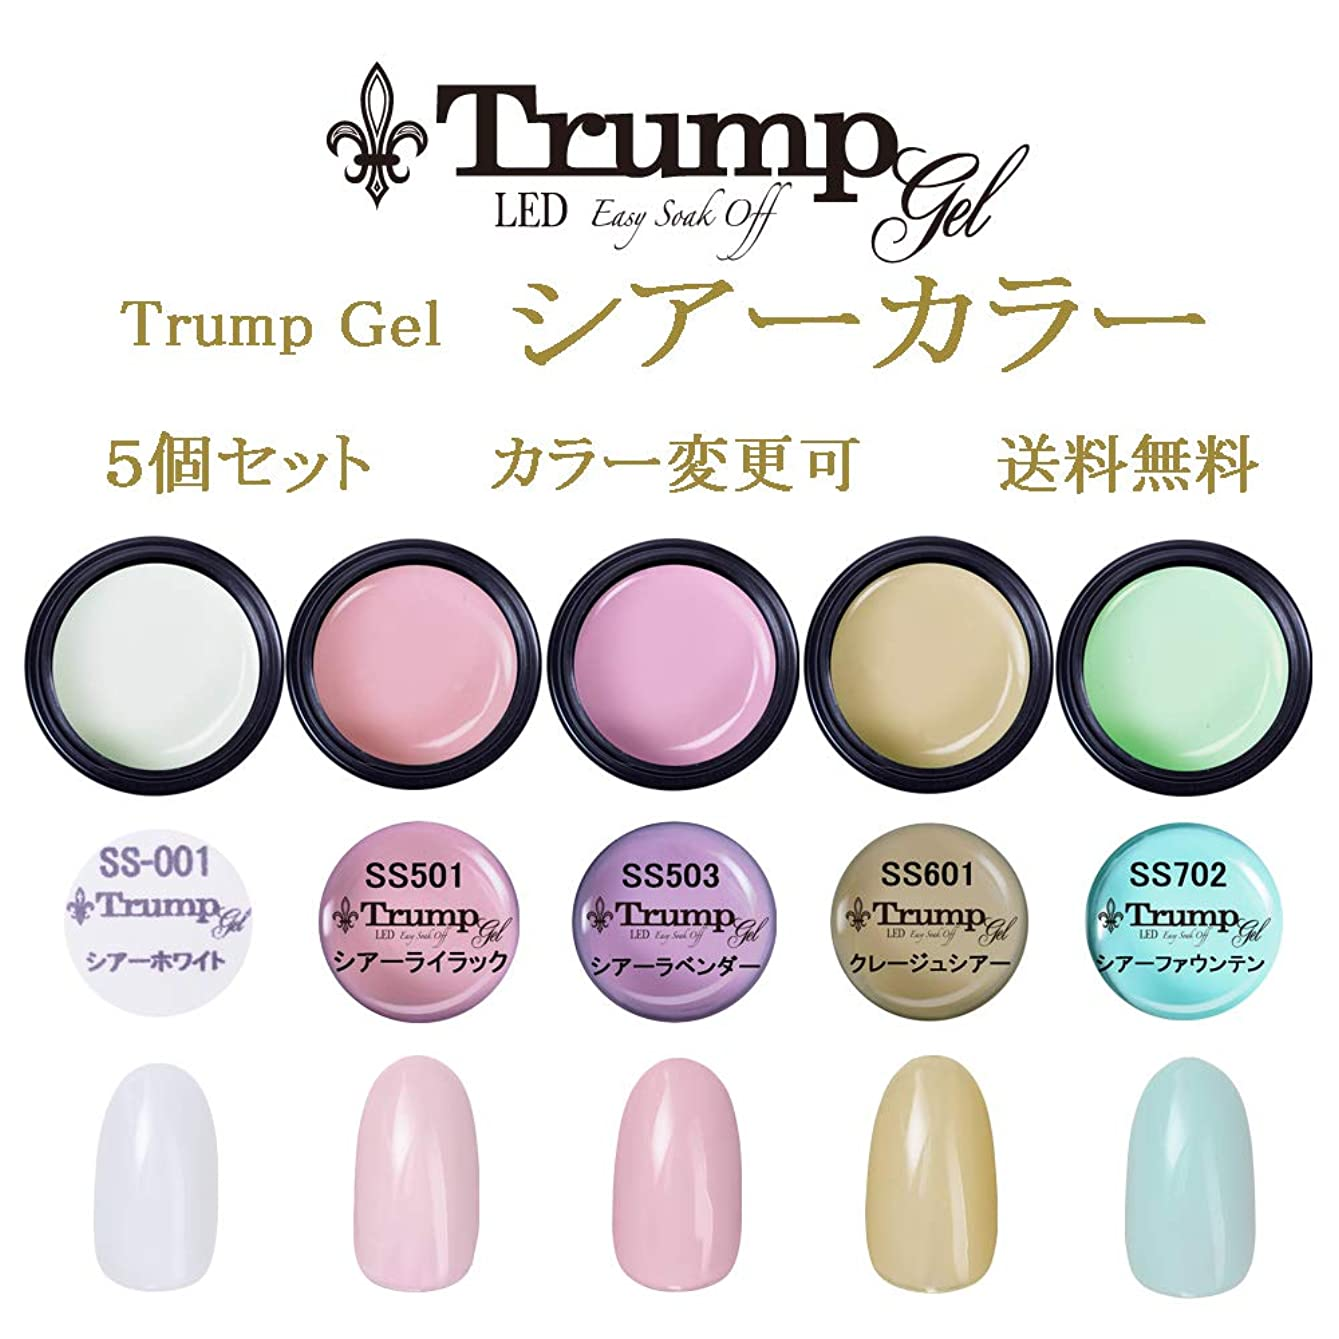 スローオーナメント解釈する日本製 Trump gel トランプジェル シアー カラージェル 選べる 5個セット ホワイト ピンク パープル イエロー ブルー